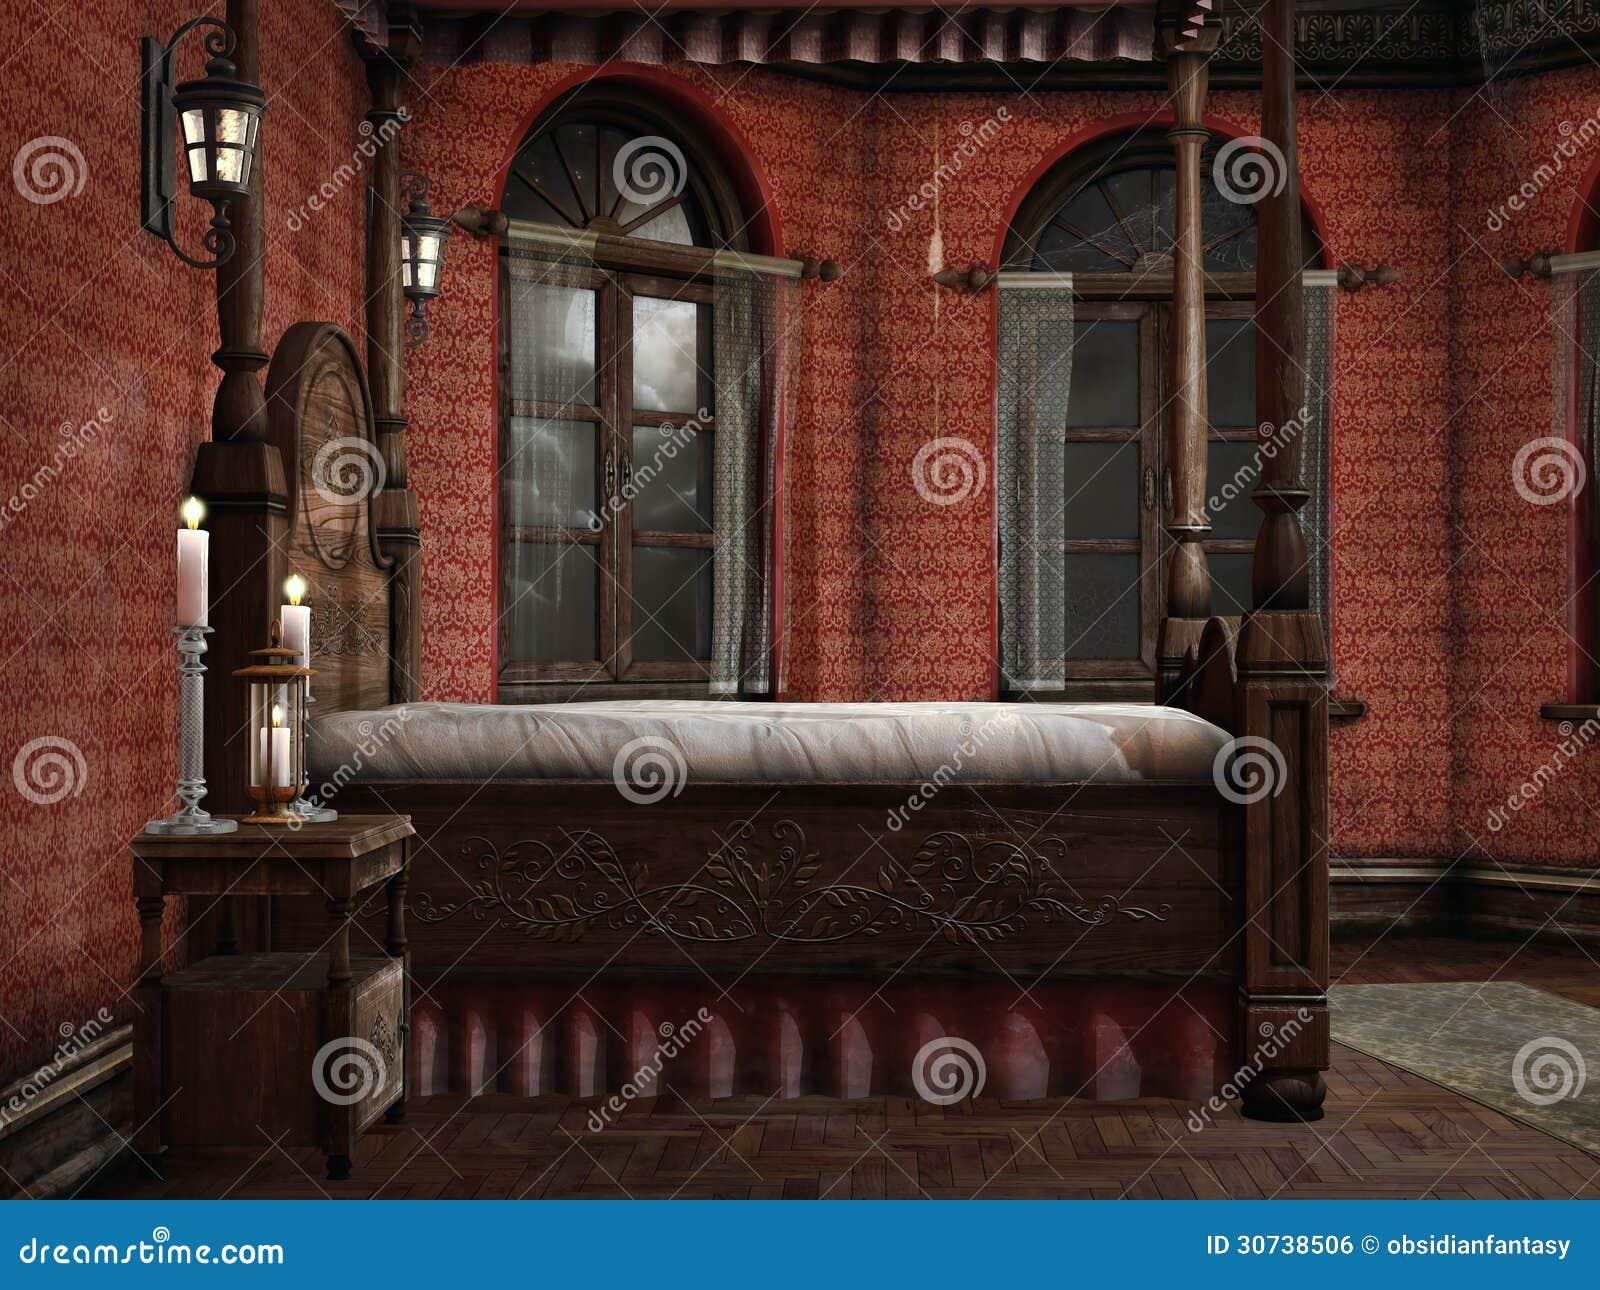 Candele Camera Da Letto : Camera da letto con le lampade e le candele illustrazione di stock